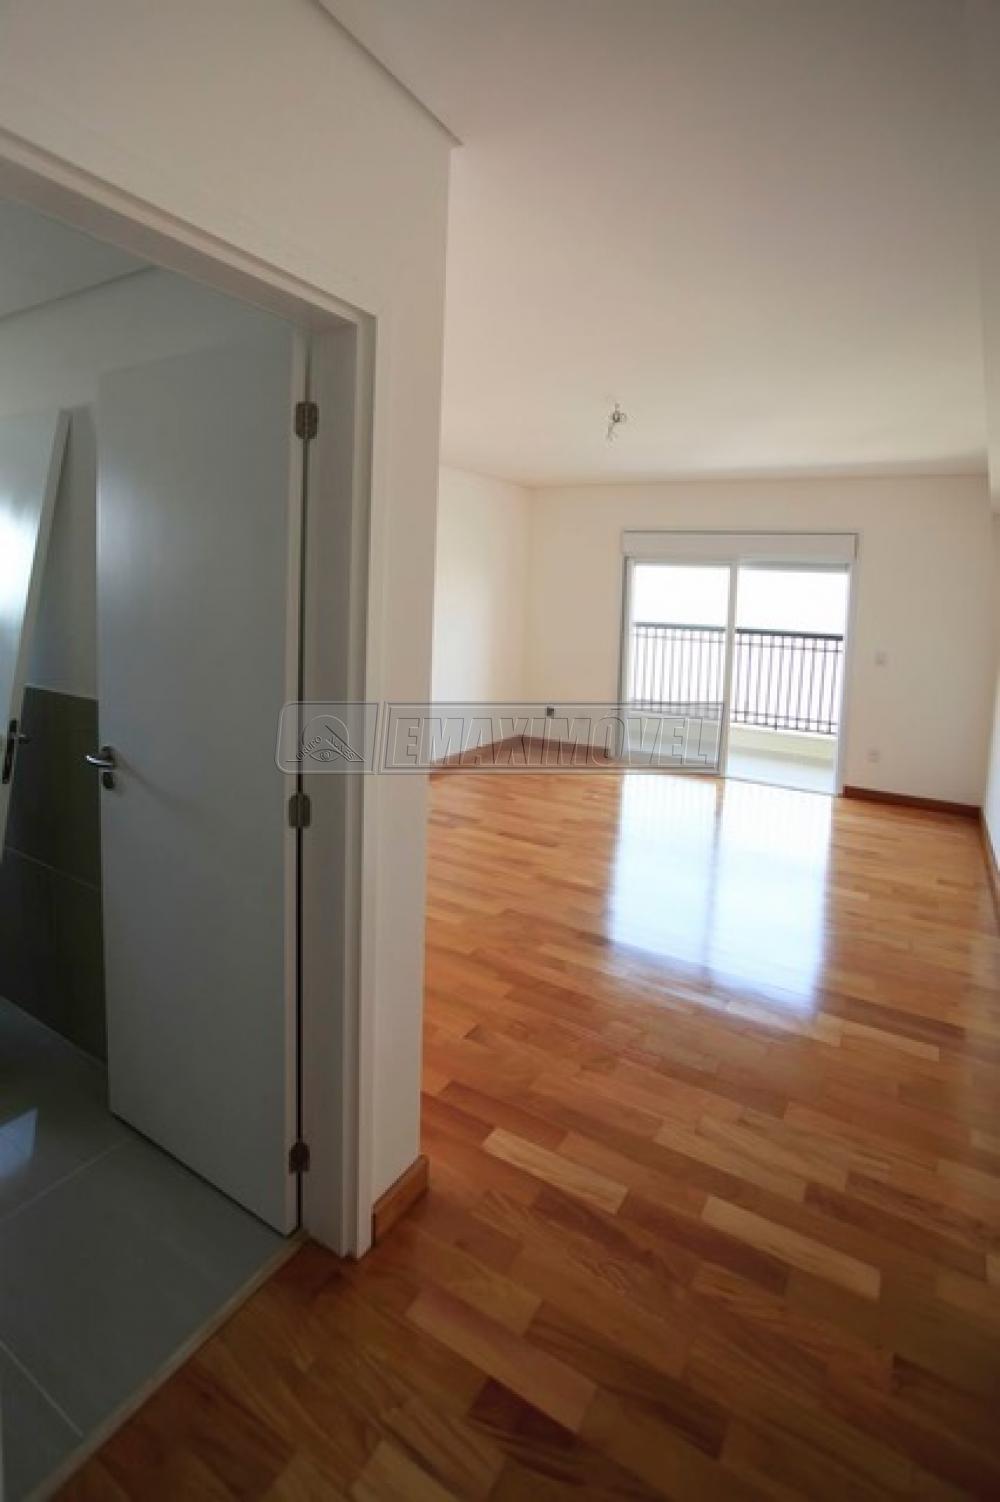 Comprar Apartamentos / Apto Padrão em Sorocaba apenas R$ 1.800.000,00 - Foto 5